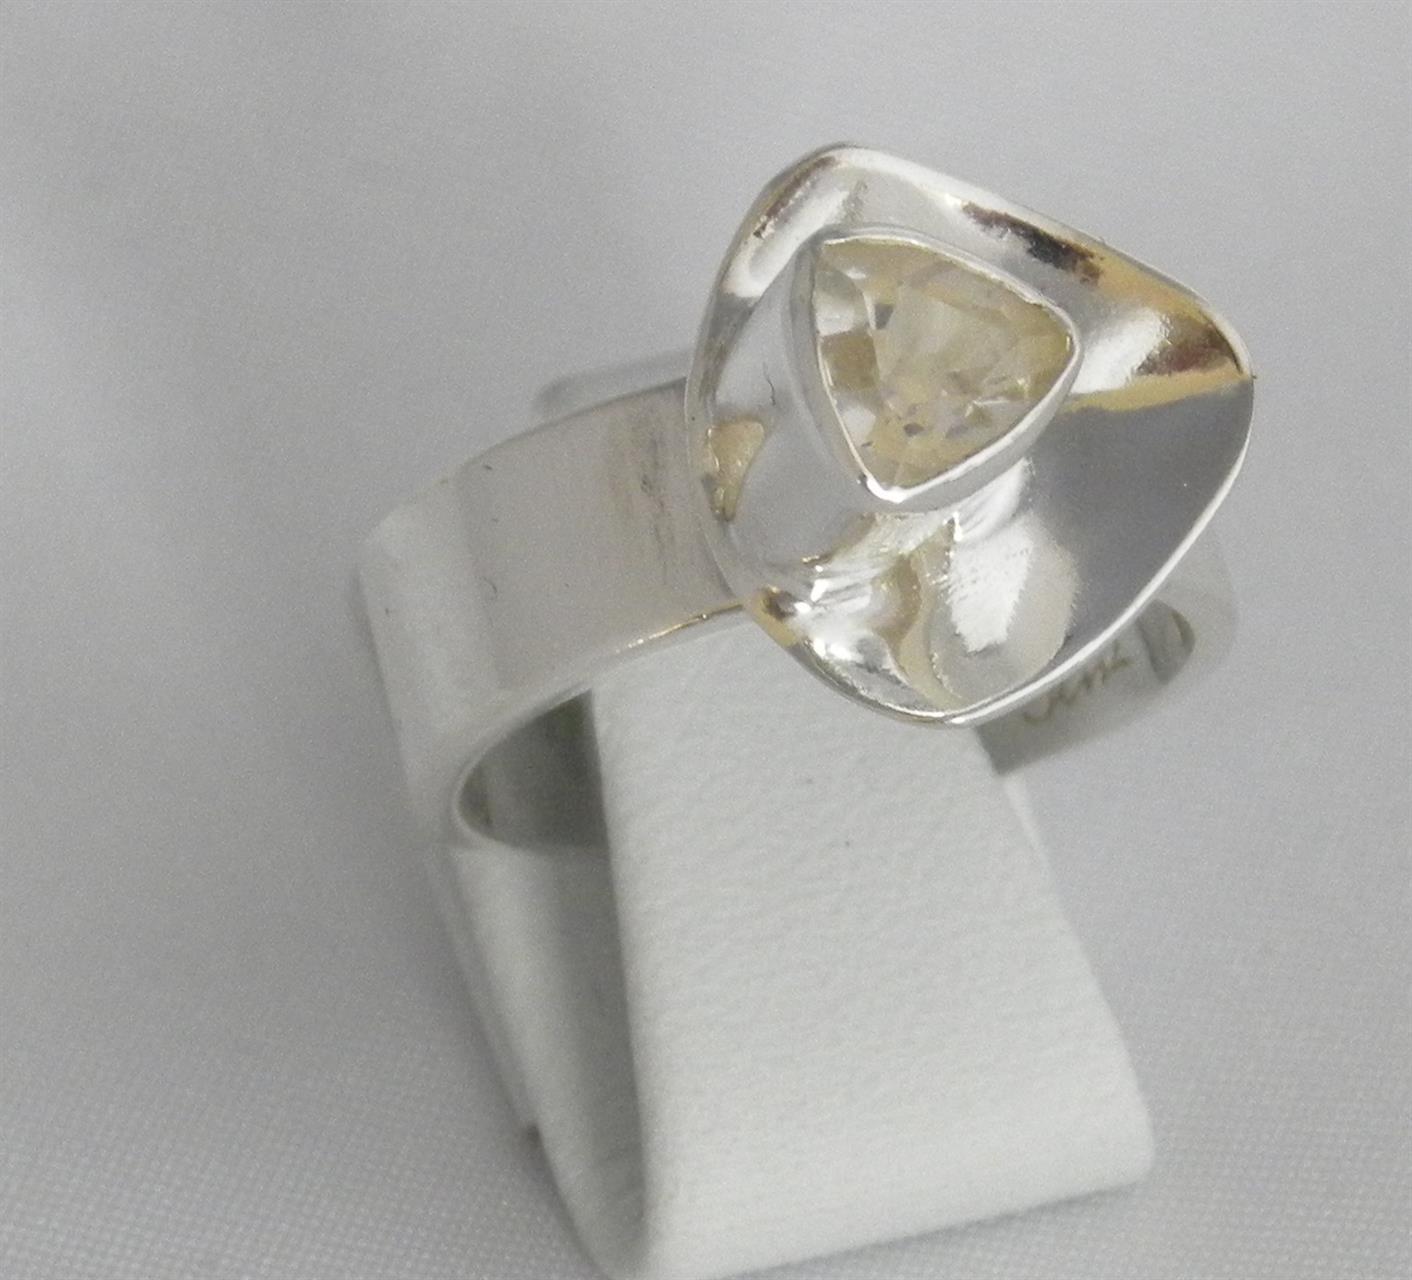 En ring med en topas.